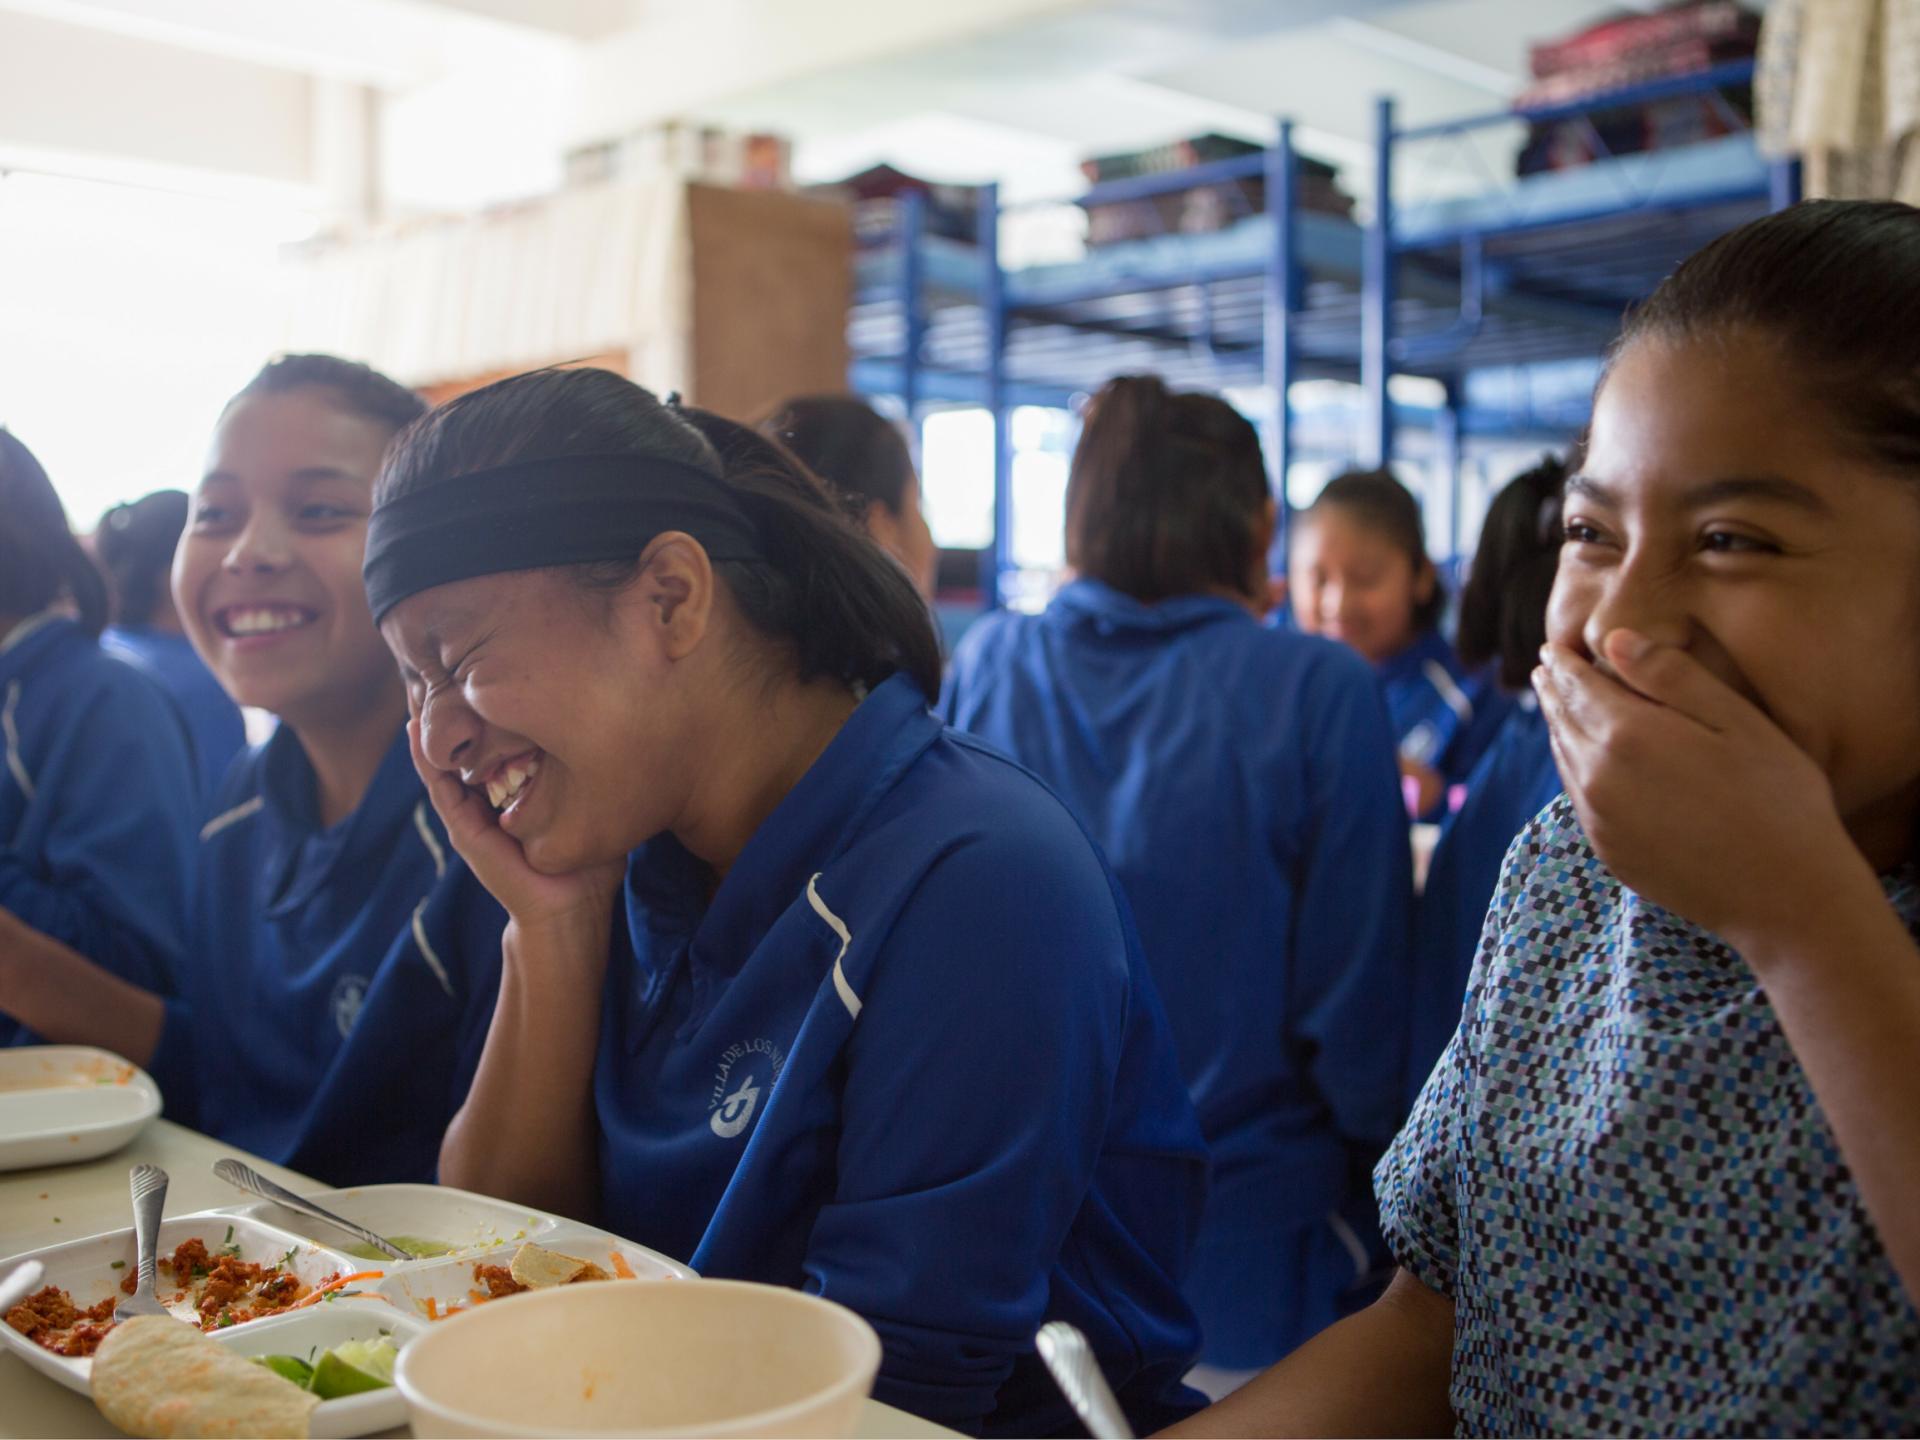 Meisjes lachen tijdens lunch